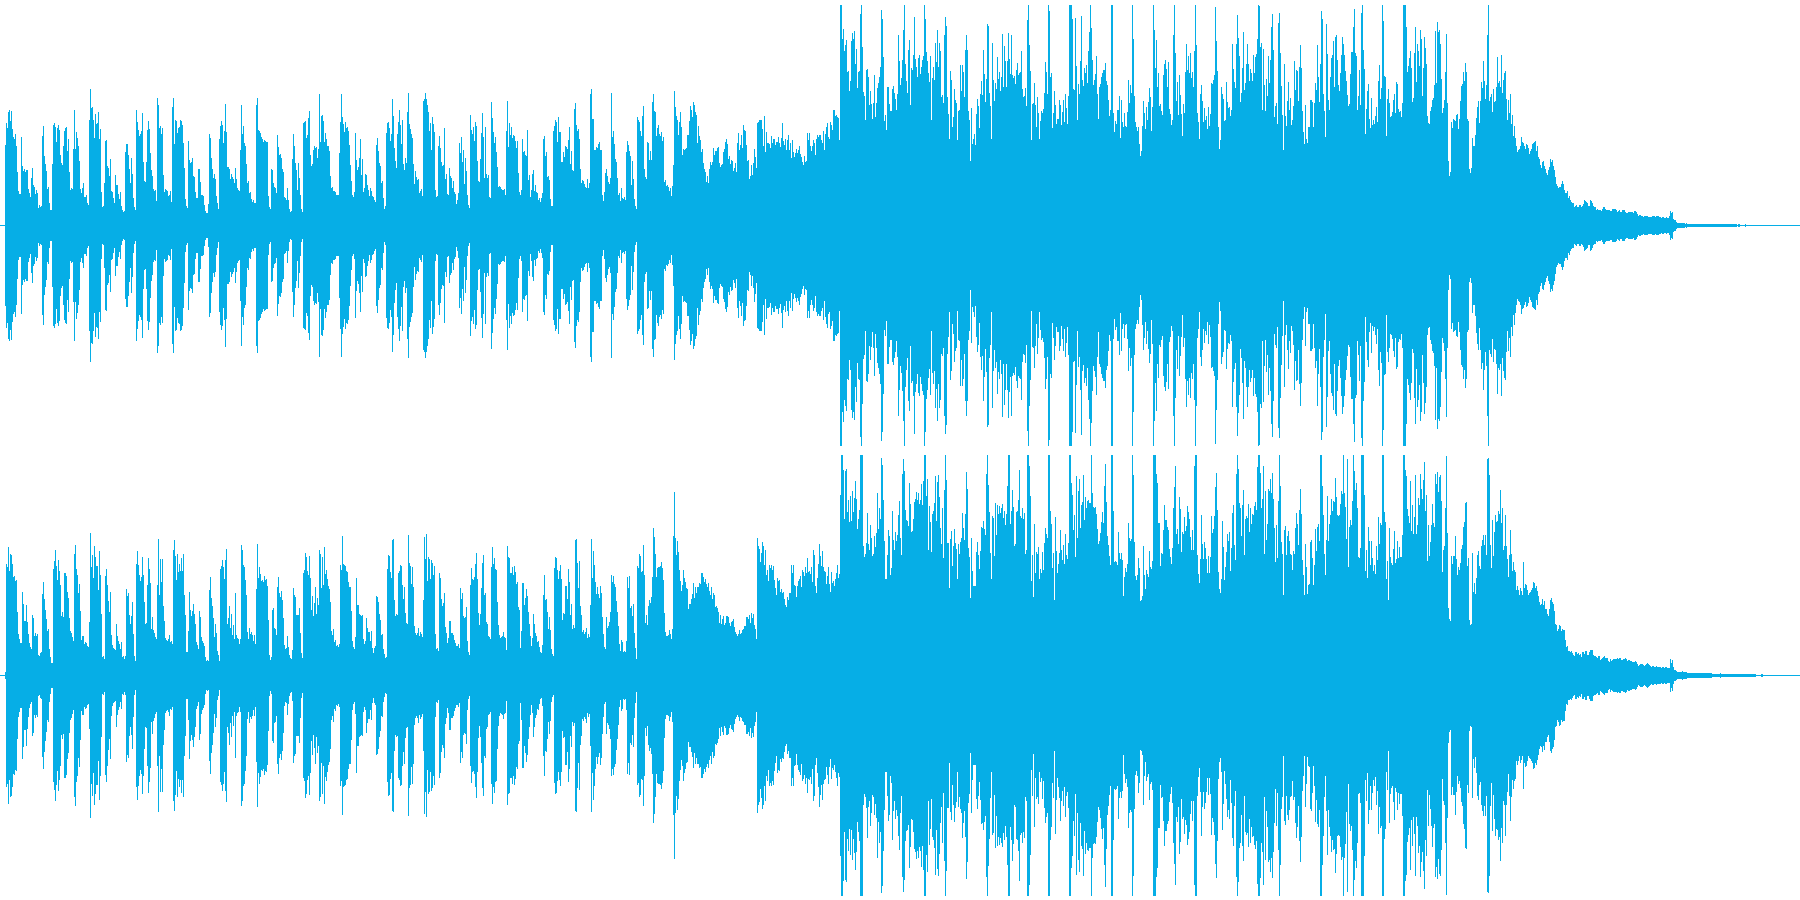 洋楽風のアコギBGM_shortの再生済みの波形